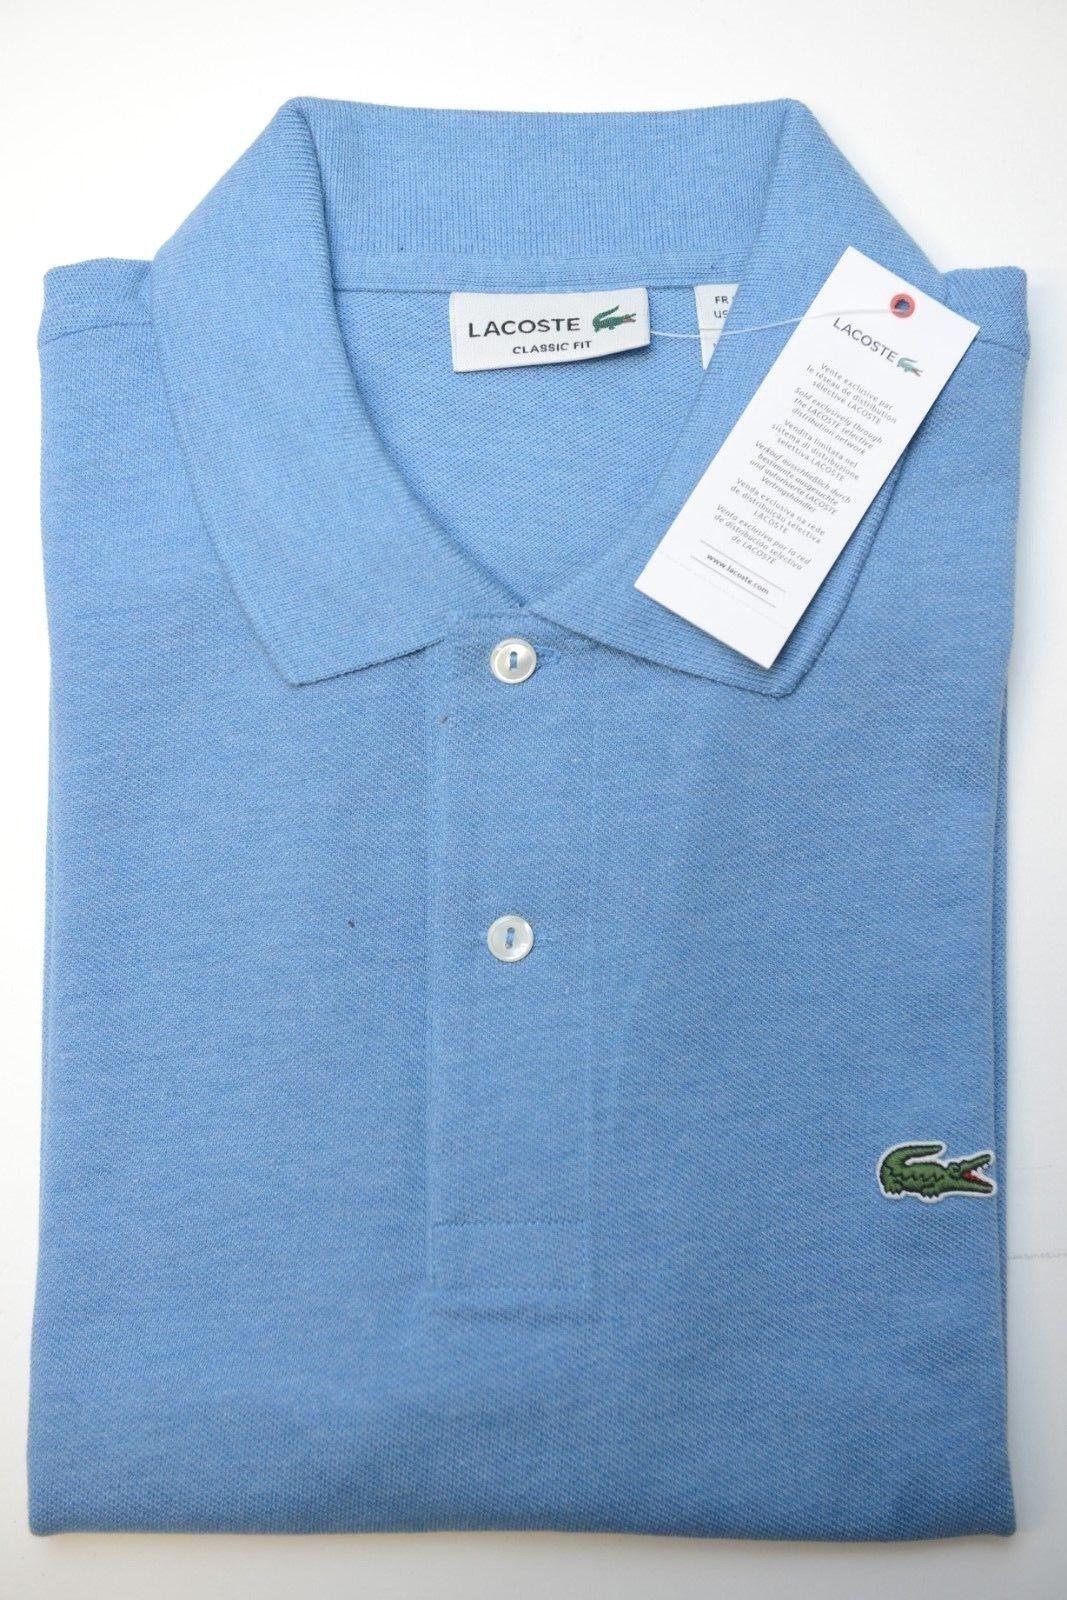 ca422c354 Lacoste L1212 Men s Classic Fit Horizon Blue Chine Cotton Polo Shirt ...